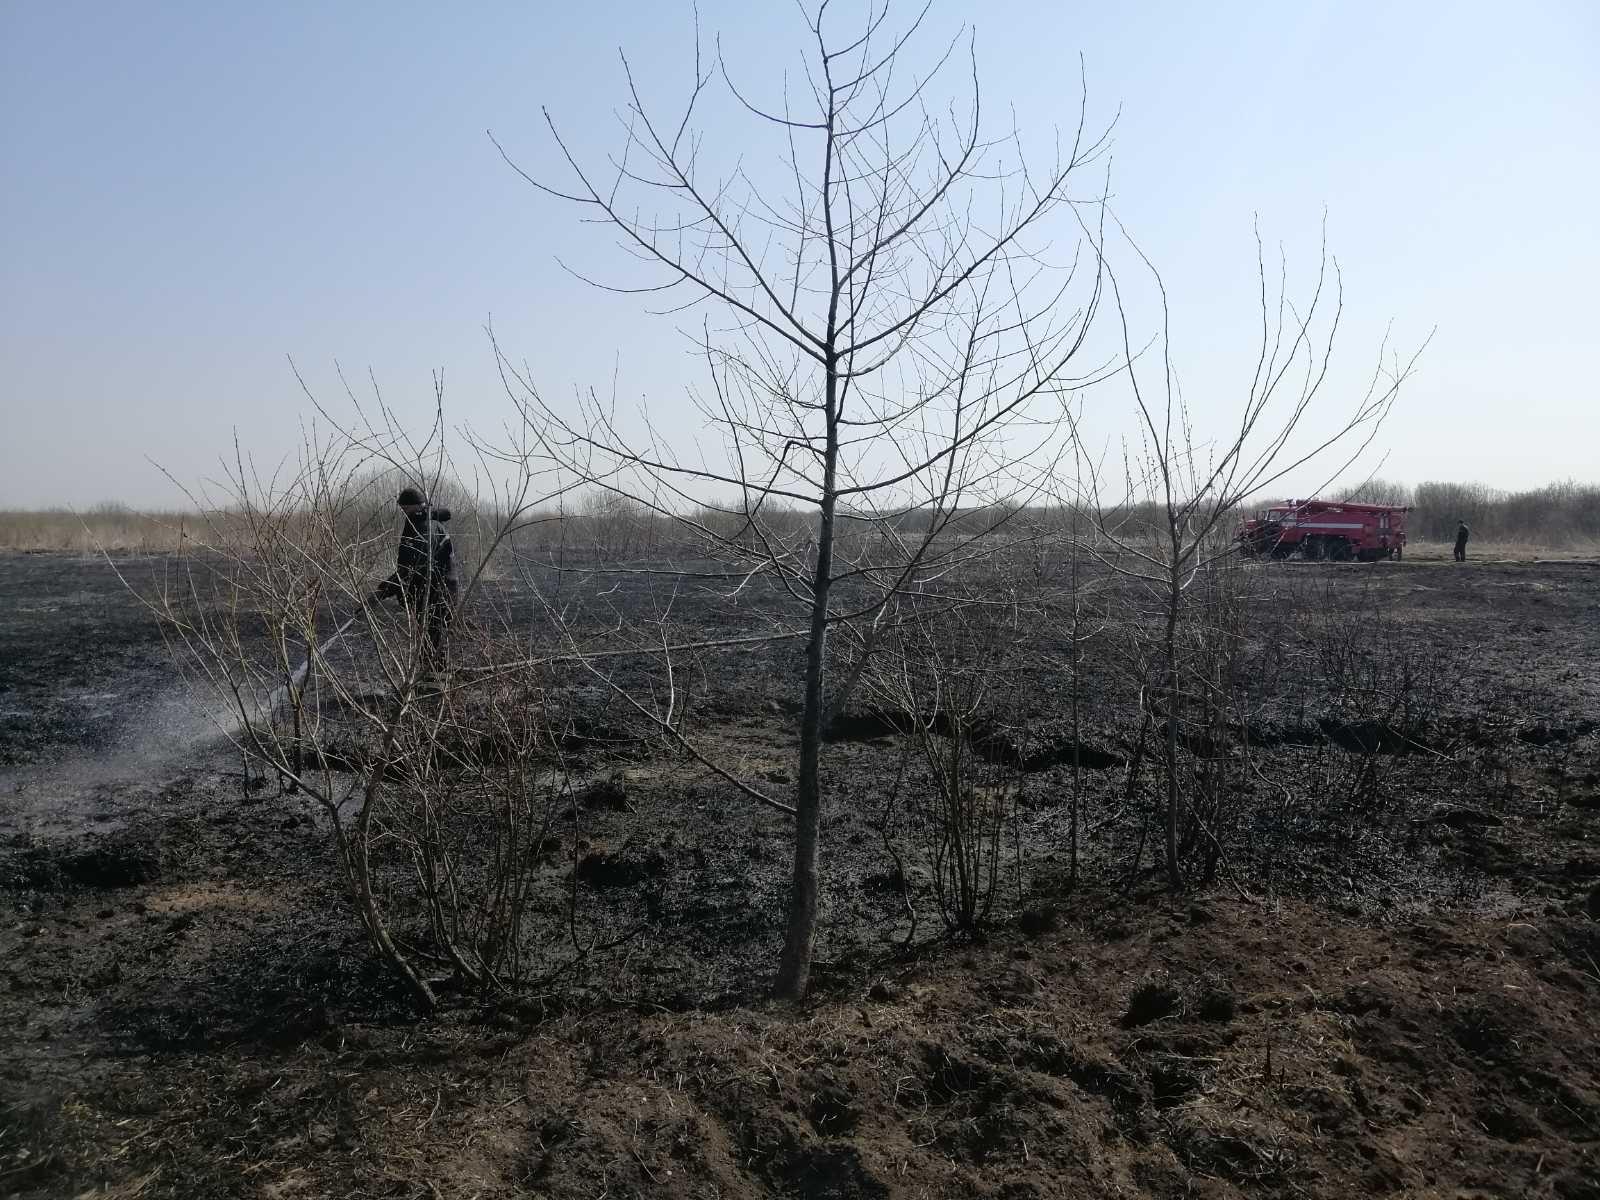 На Броварщині горять торфовища: пожежу локалізовано, ліквідація триває -  - IMG 92501c2acd1fb5f7d4fcdc282782fa53 V